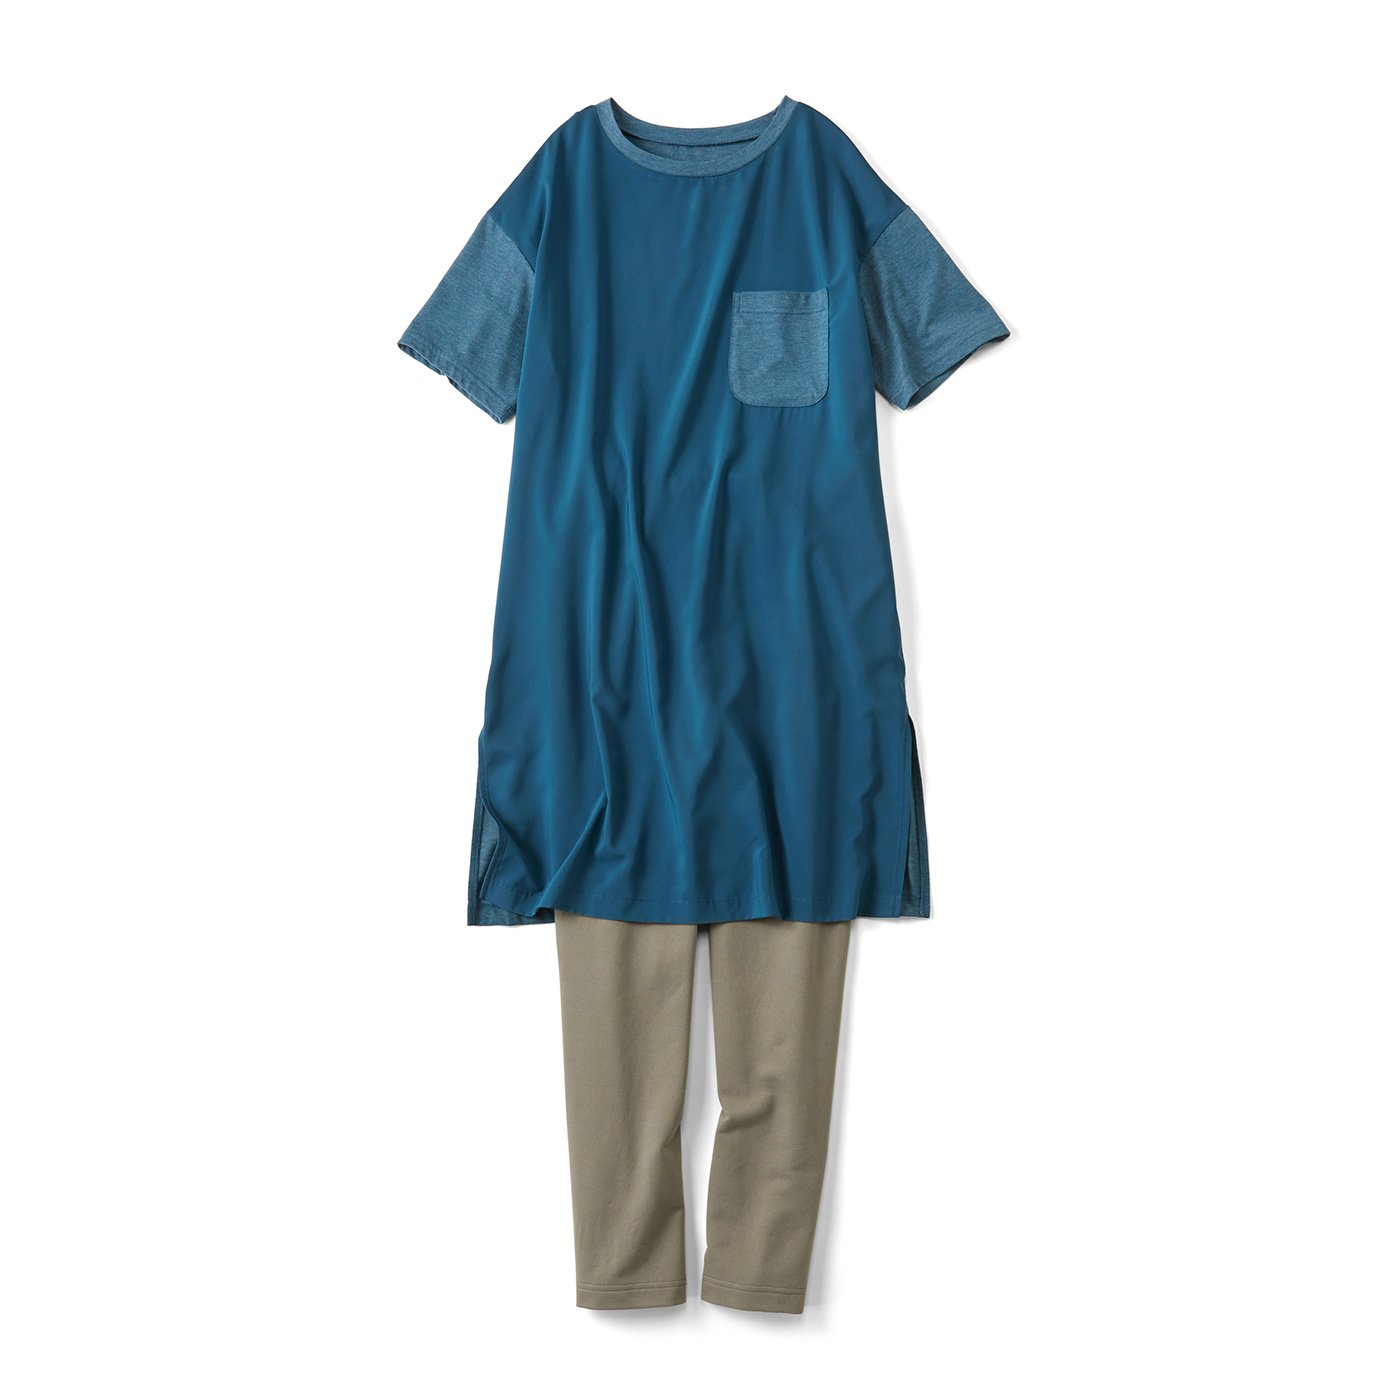 簡単! 今風シルエットのTシャツワンピ+レギンスセット〈ブルー×オリーブ〉